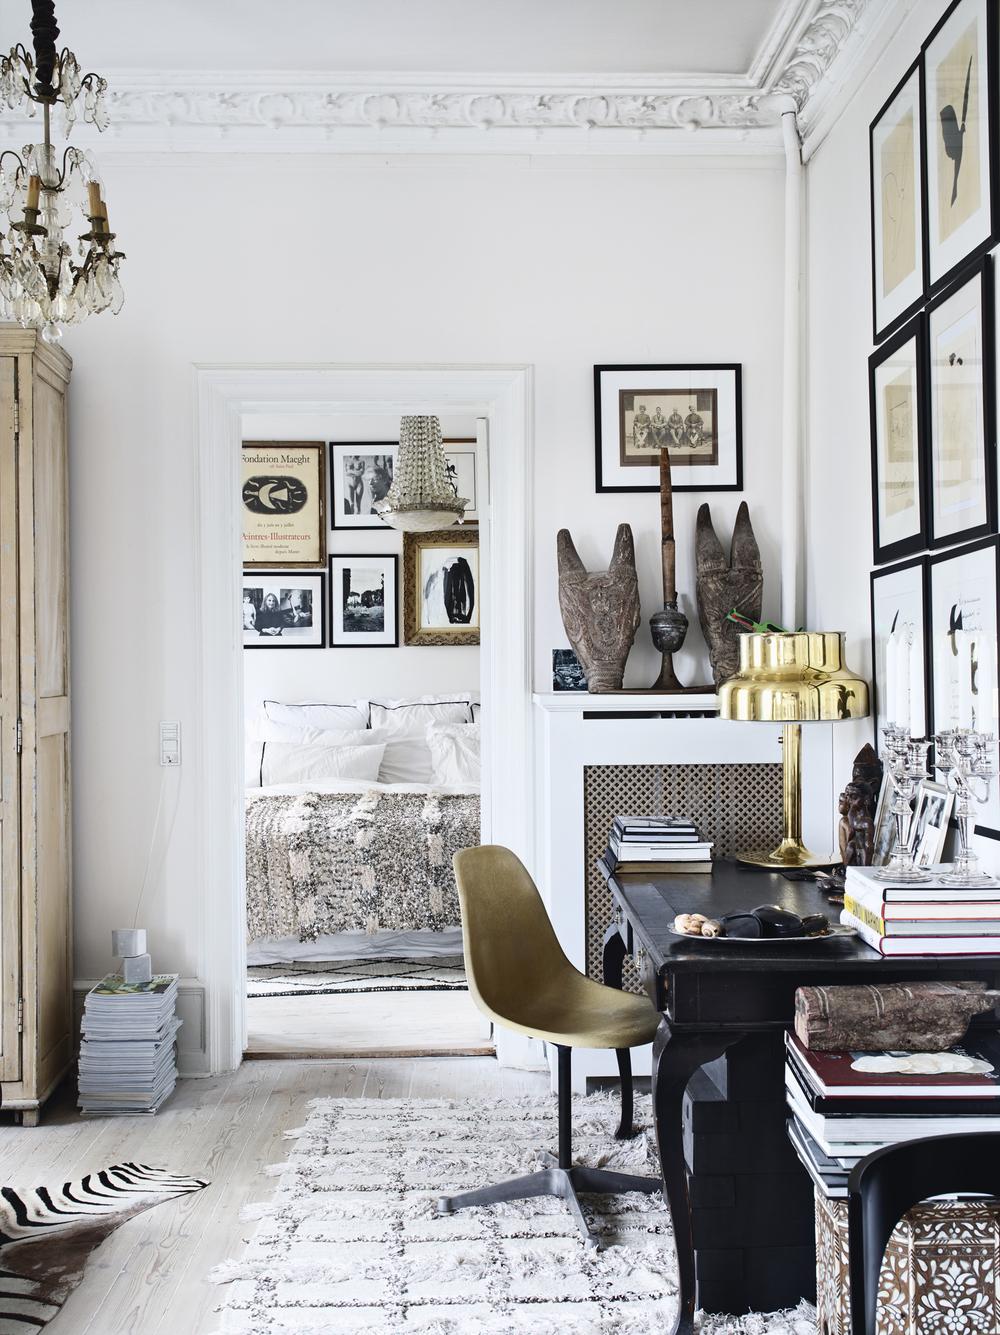 Картинки по запросу rupert peter landendinger интерьер домашнего офиса Интерьер домашнего офиса - лучшие идеи